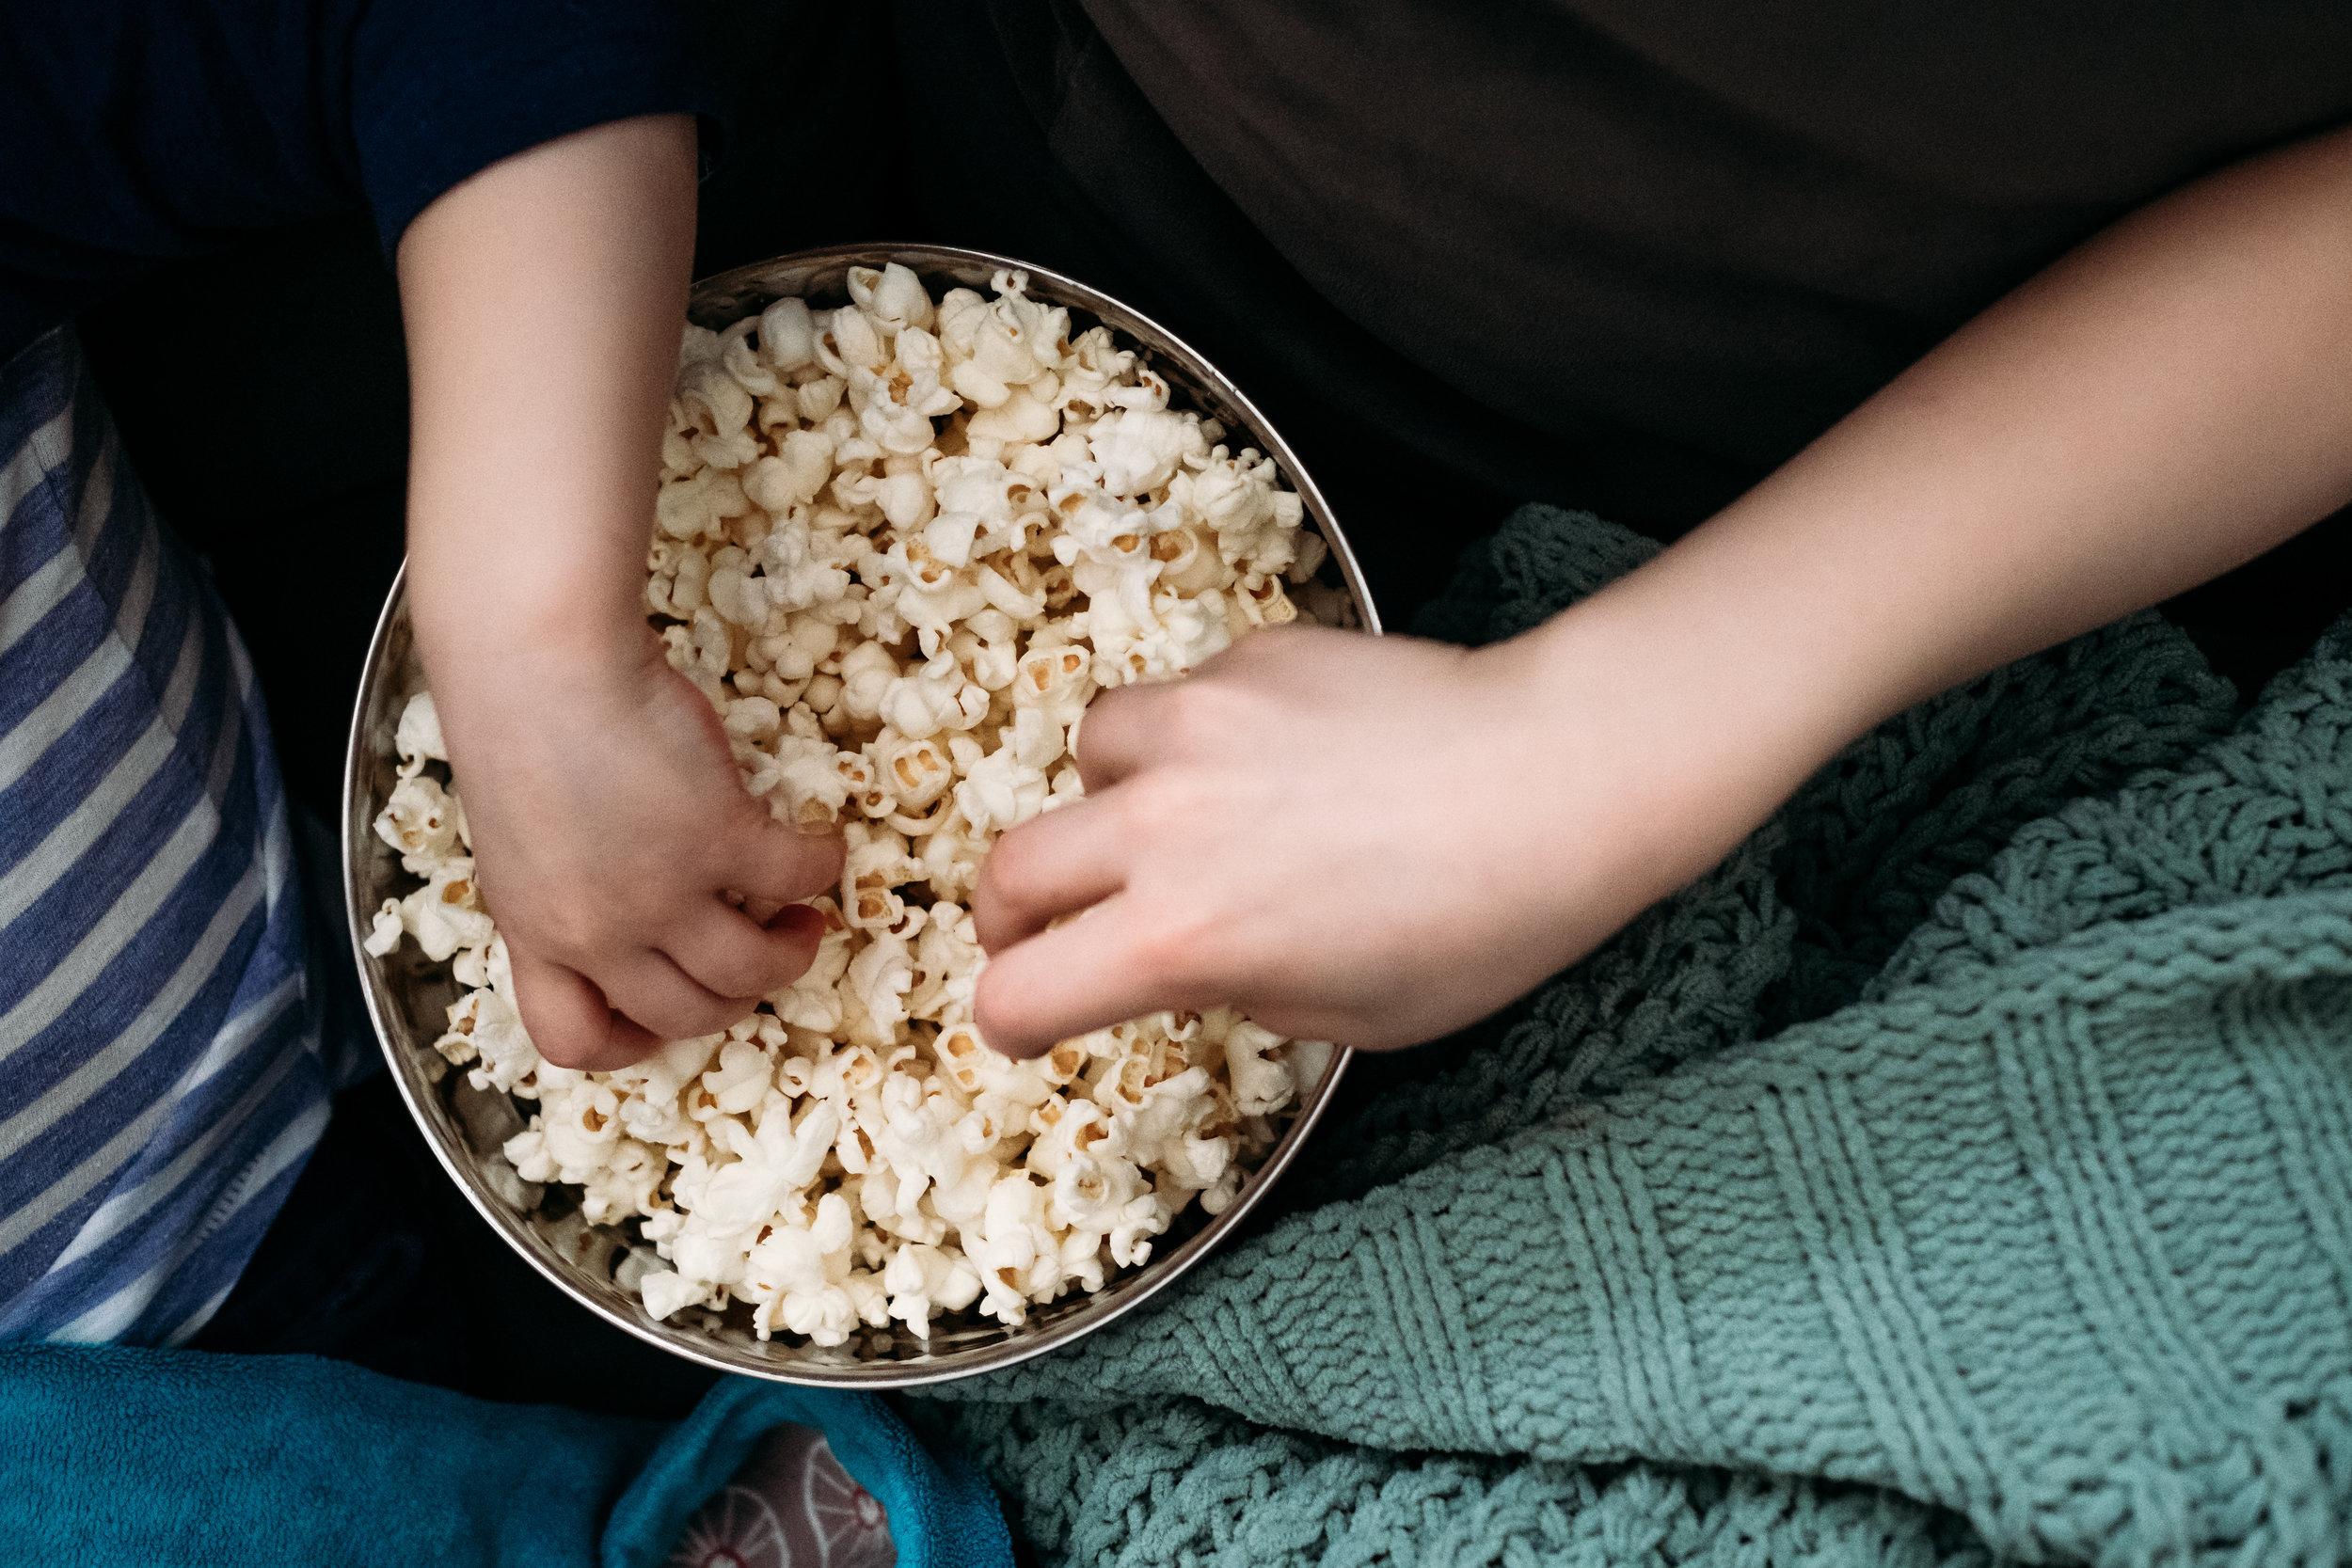 kids-popcorn-march-movie